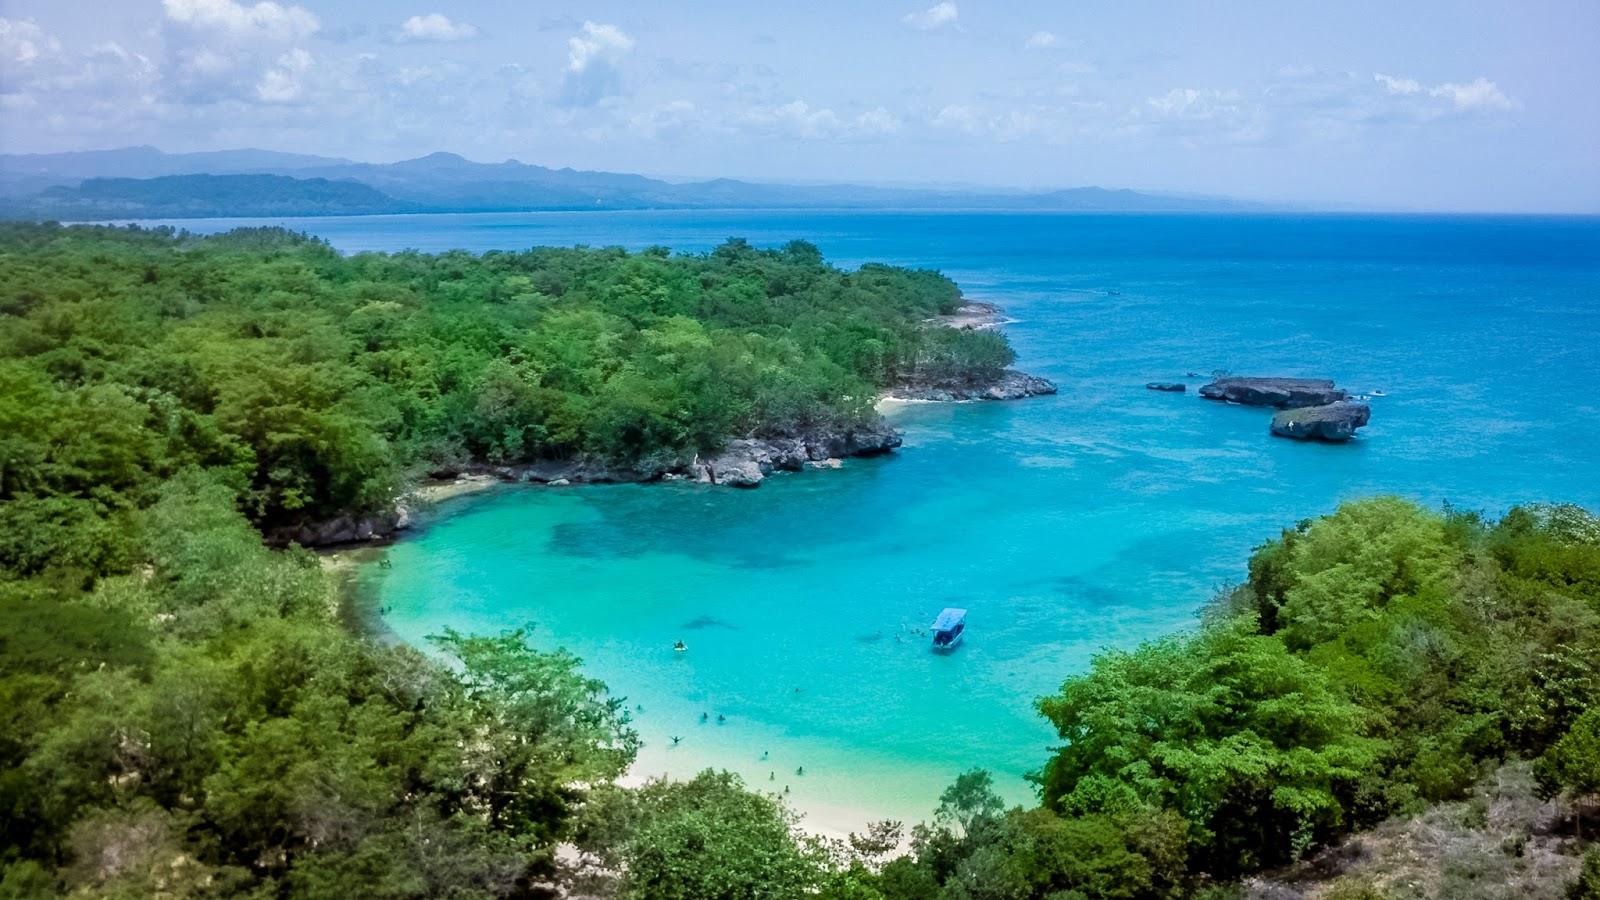 rio san juan dominican republic